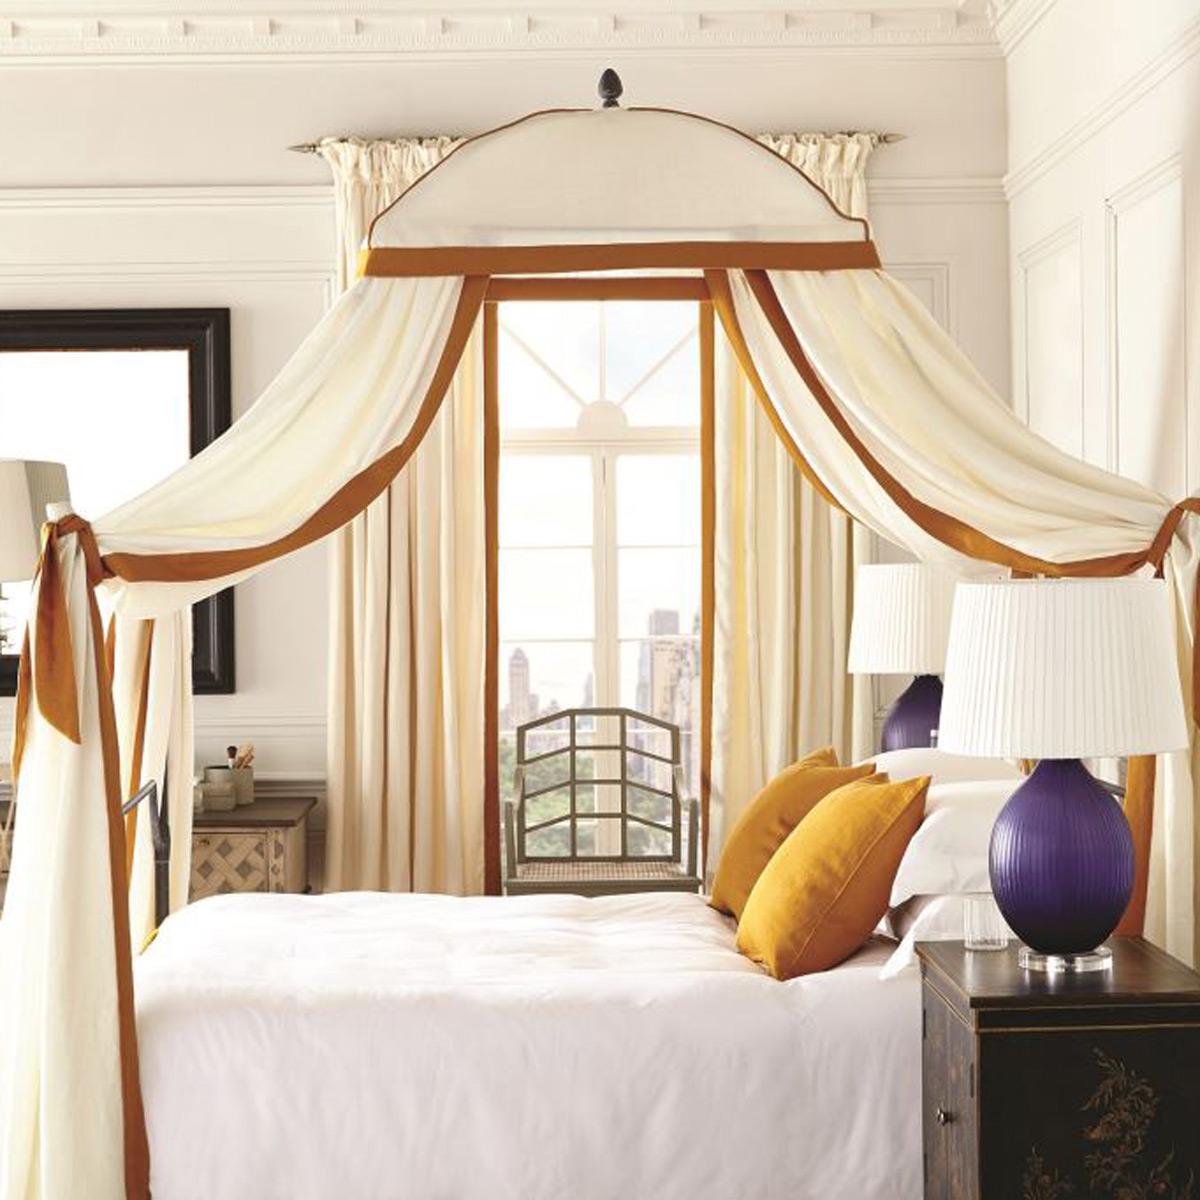 5 Of The Best Bedrooms